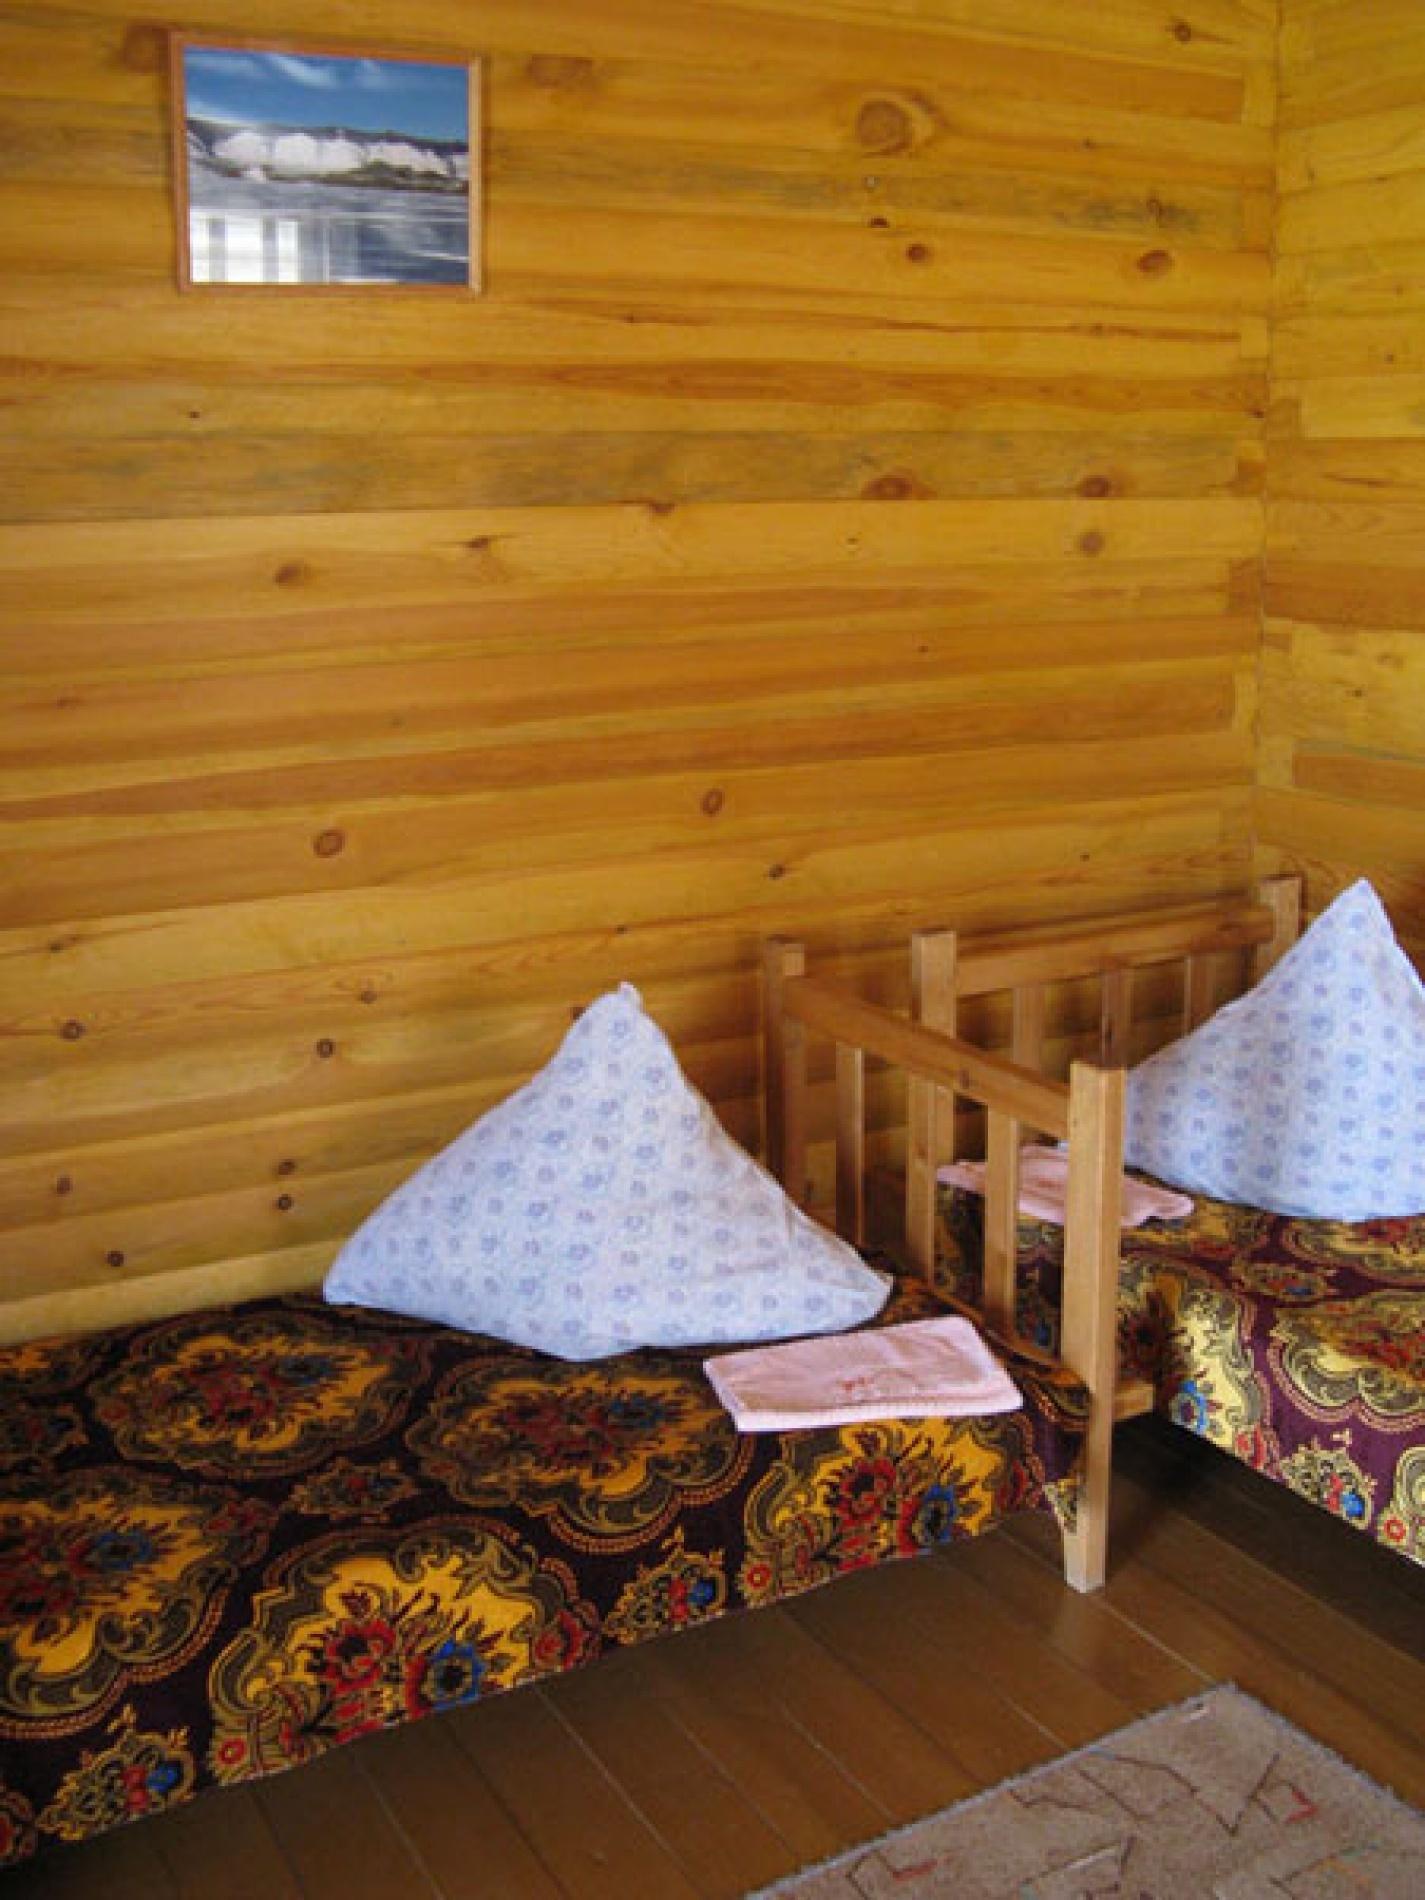 База отдыха «Ветер Странствий» Иркутская область 3-местный летний домик, фото 2